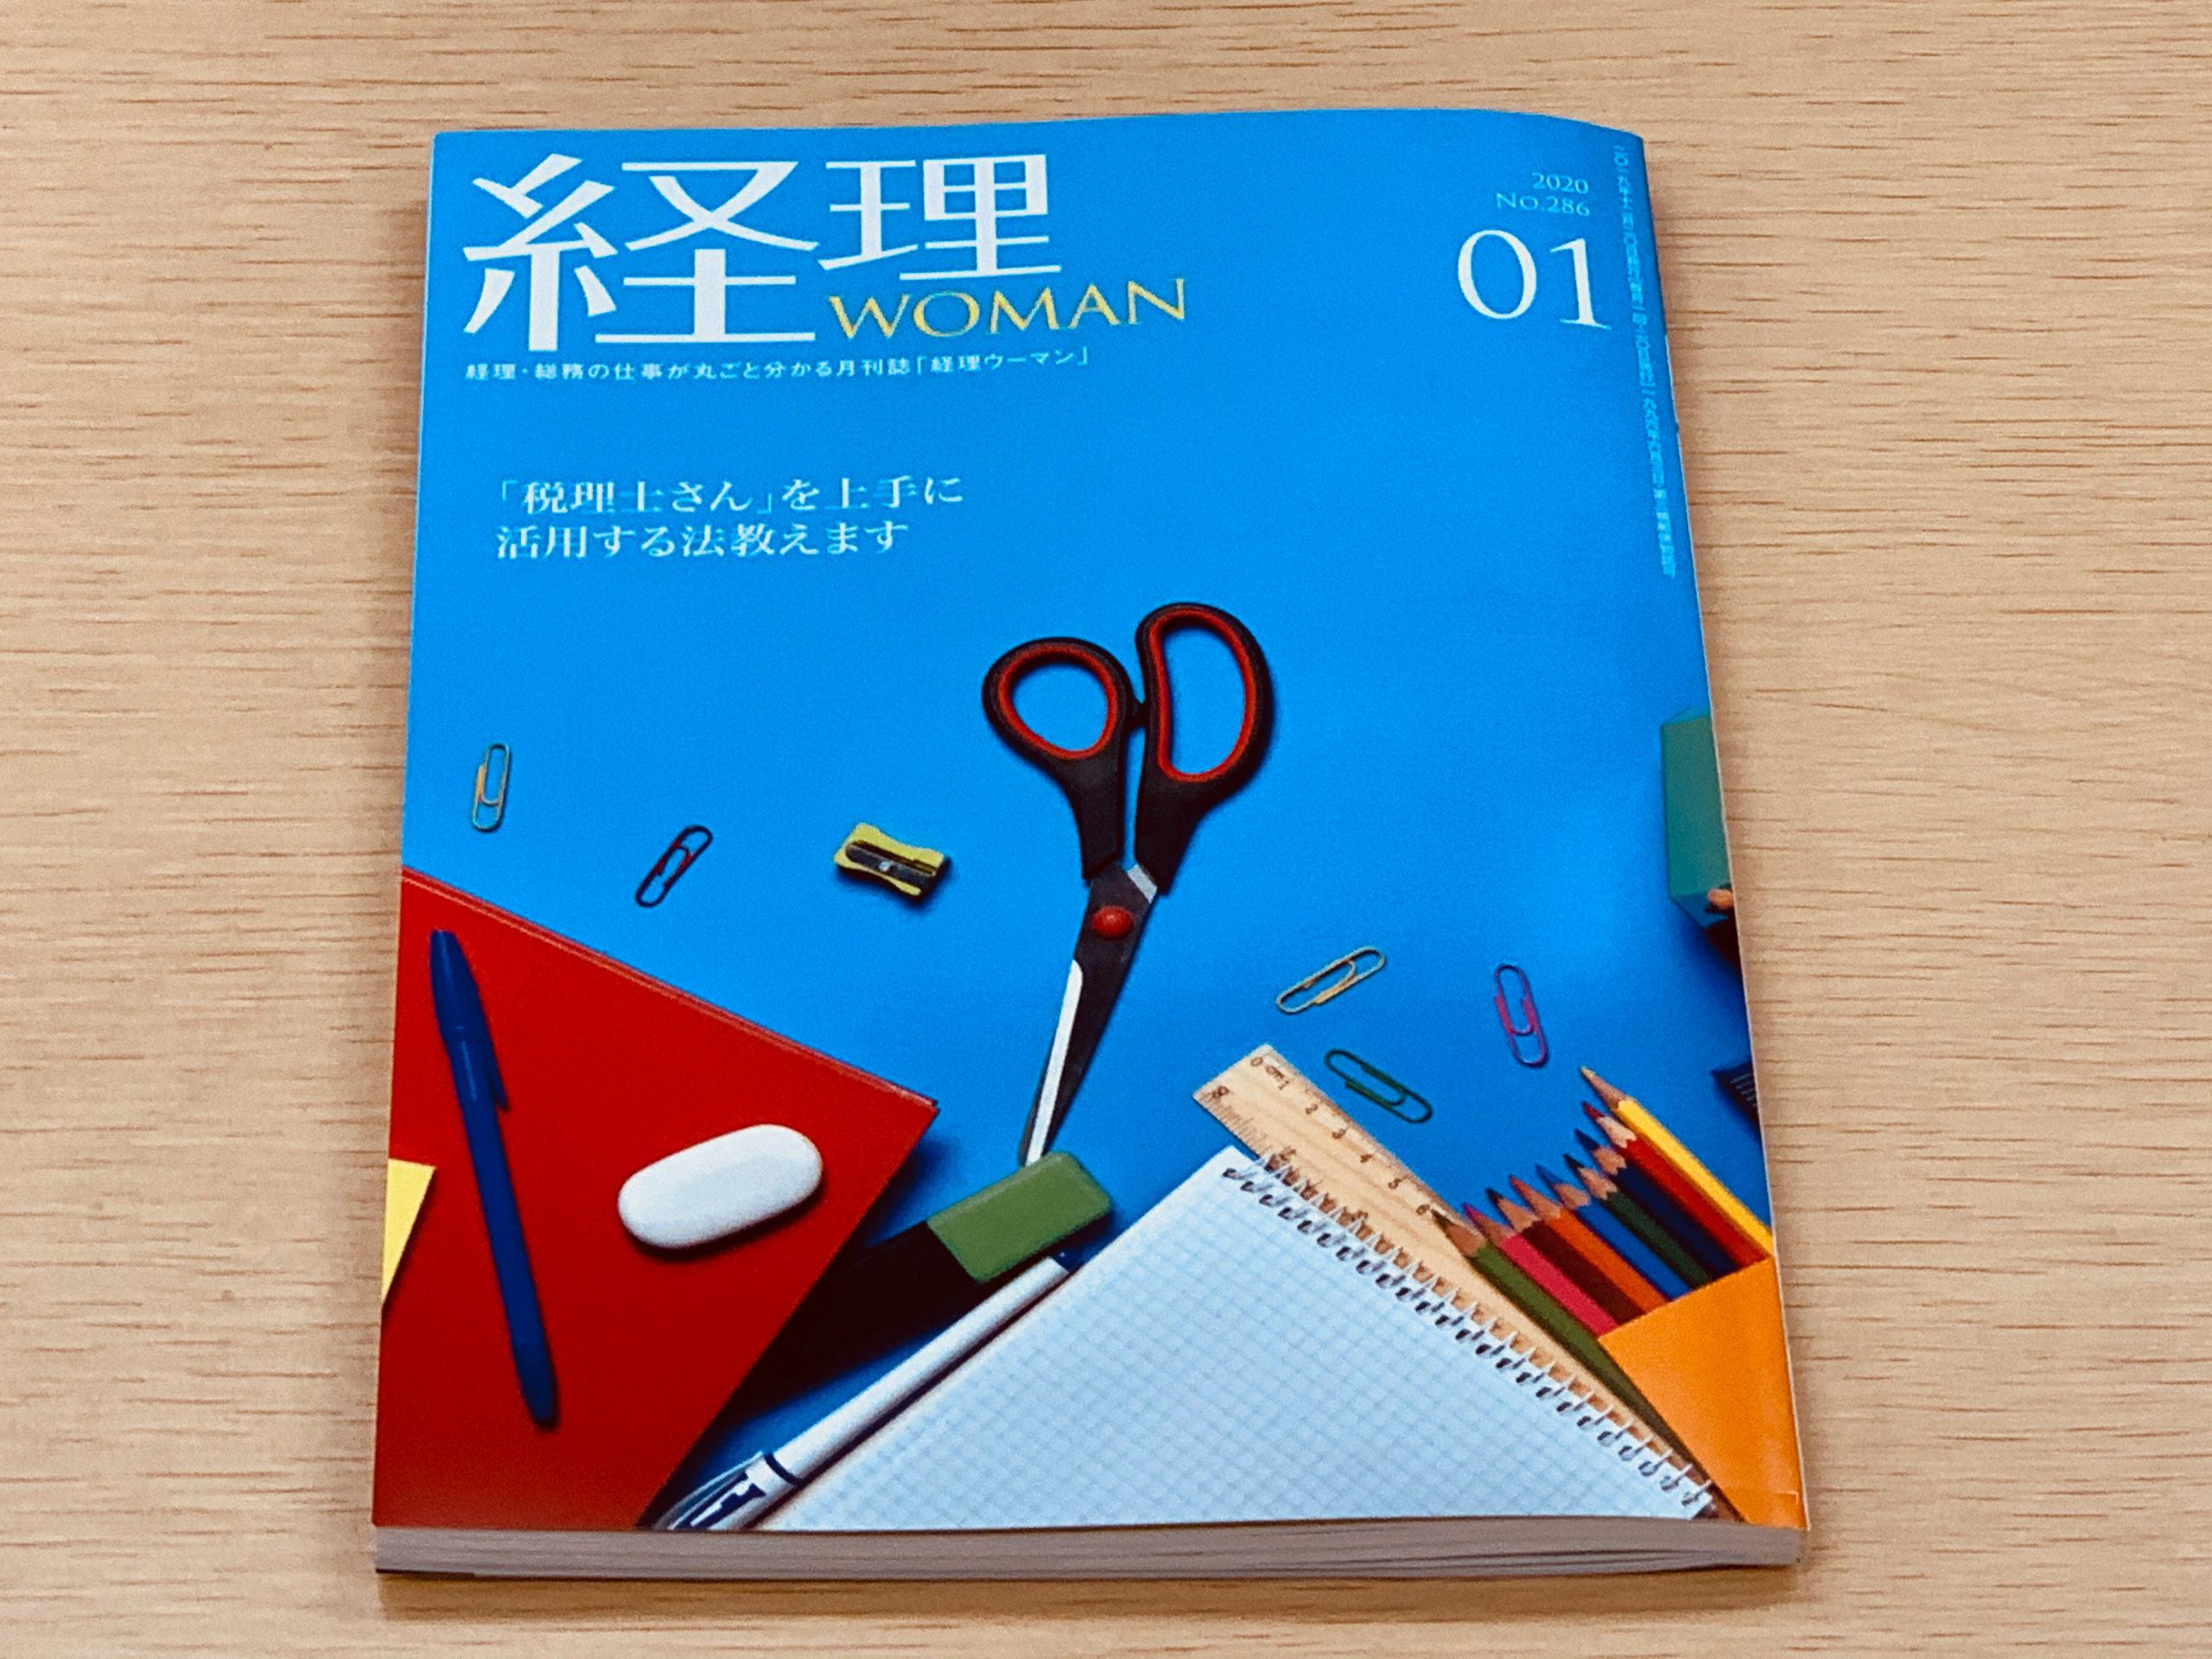 「月刊経理WOMAN1月号」にて、「交際費の支出に関する消費税の取扱い」の連載記事が執筆されました